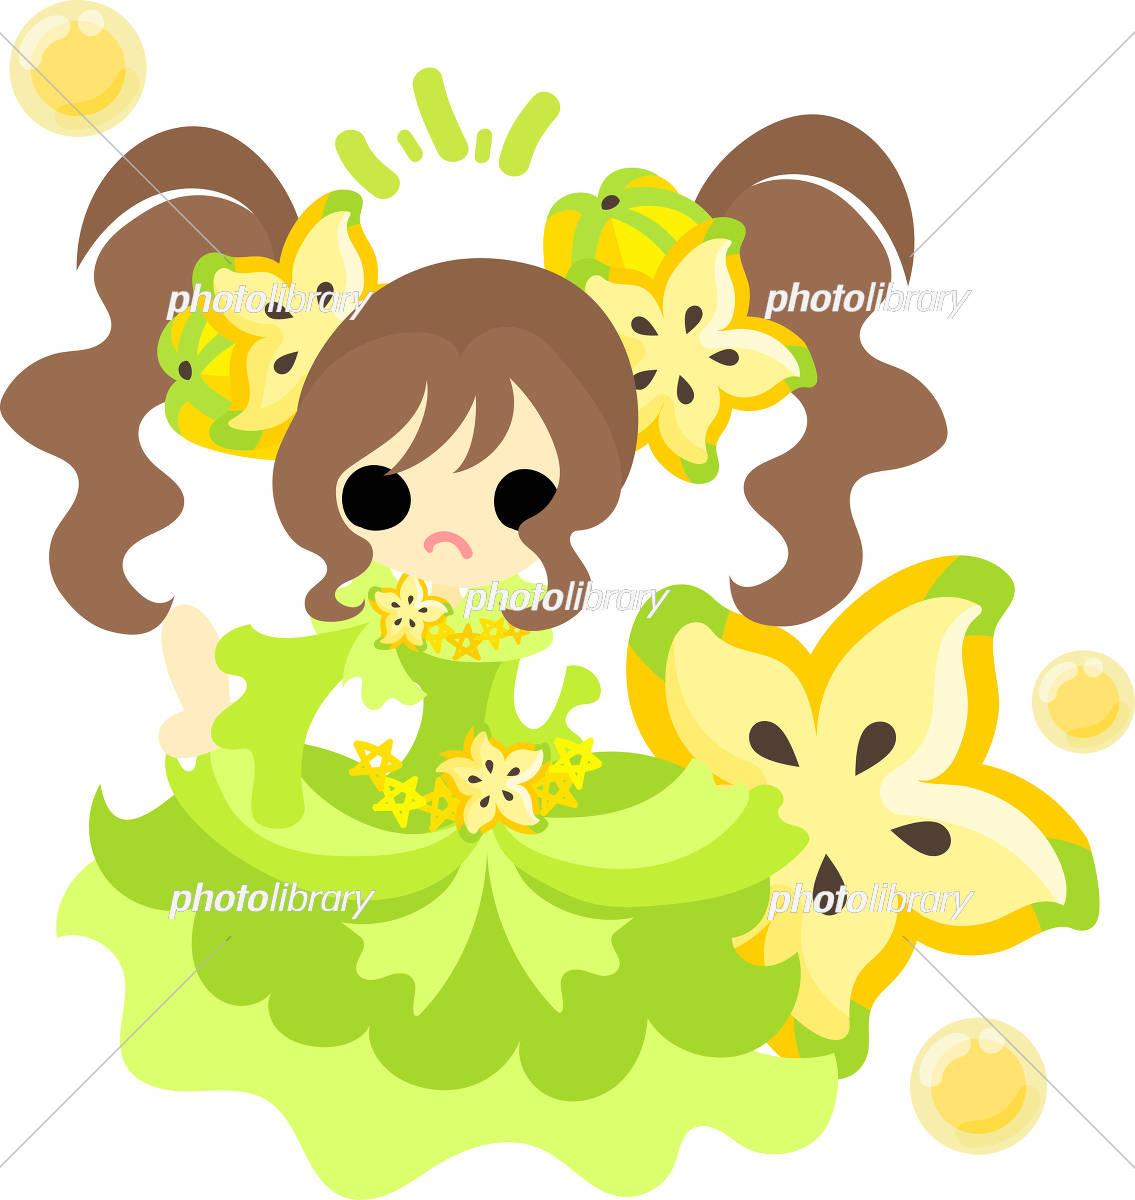 おしゃれなフルーツドレスの女の子 イラスト素材 [ 5017093